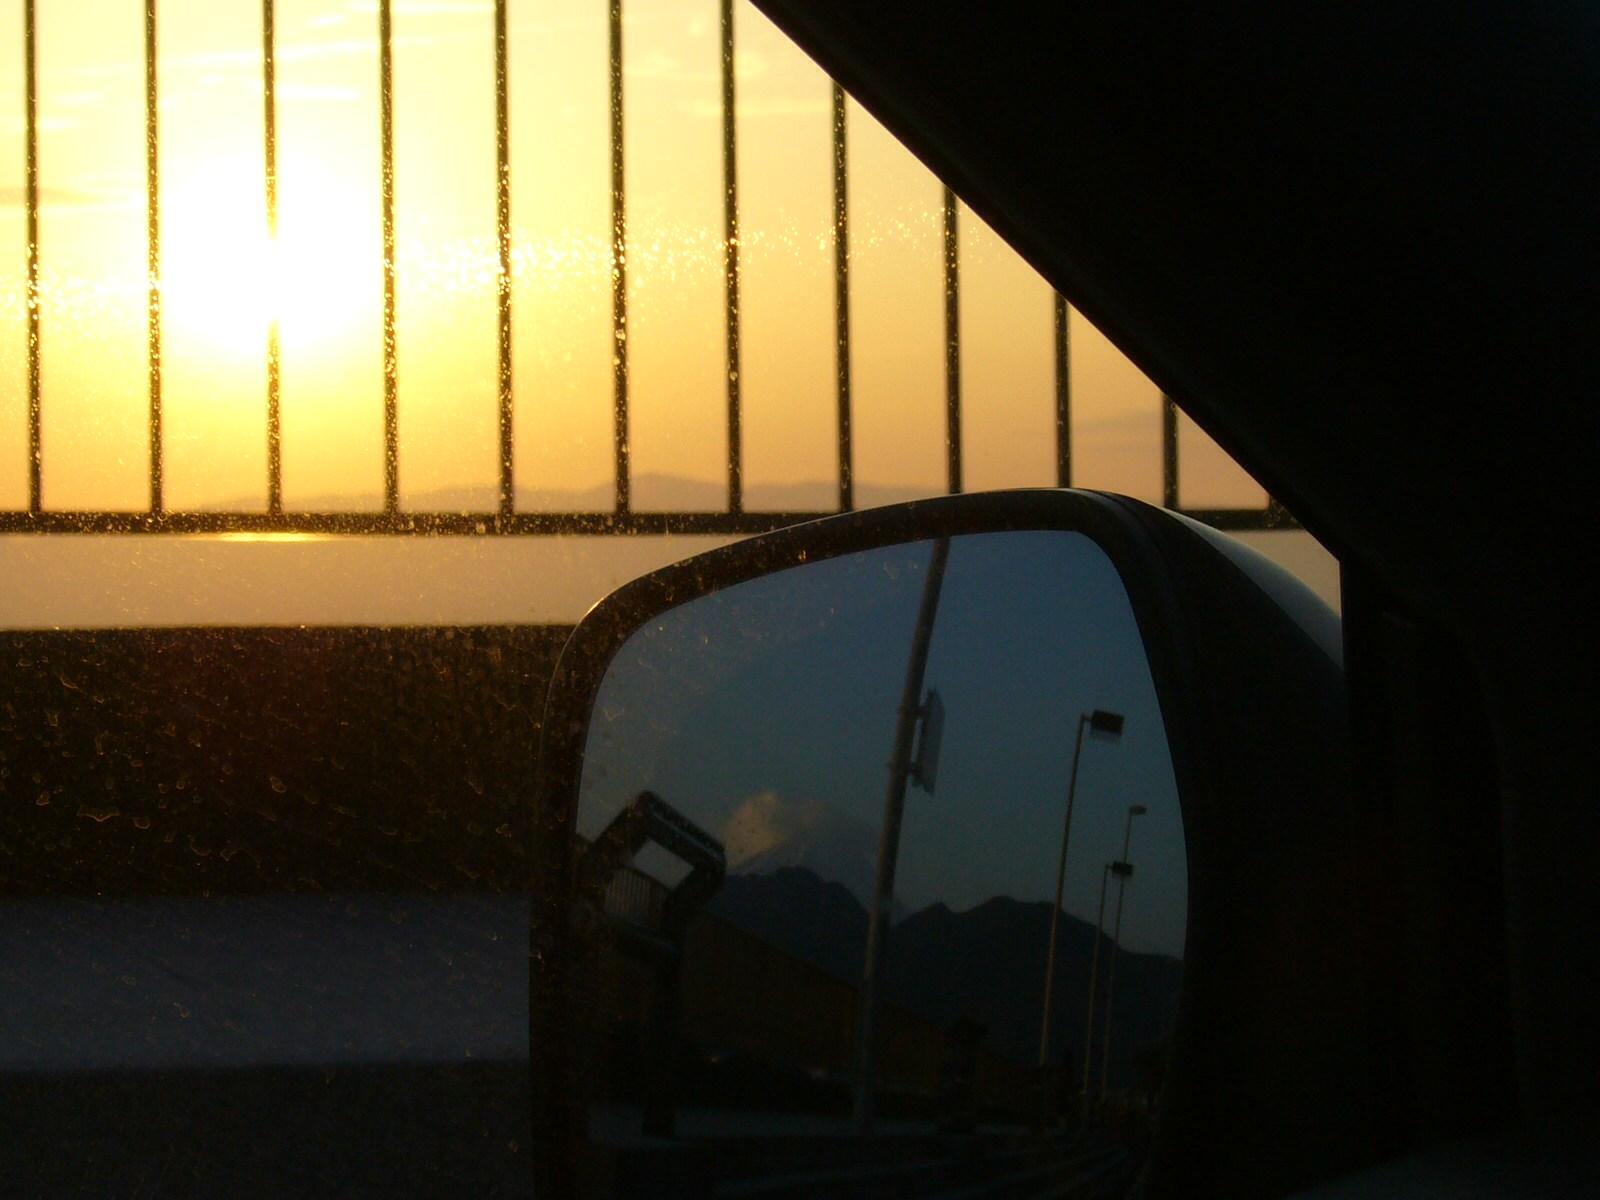 某所、某日の朝日と富士山